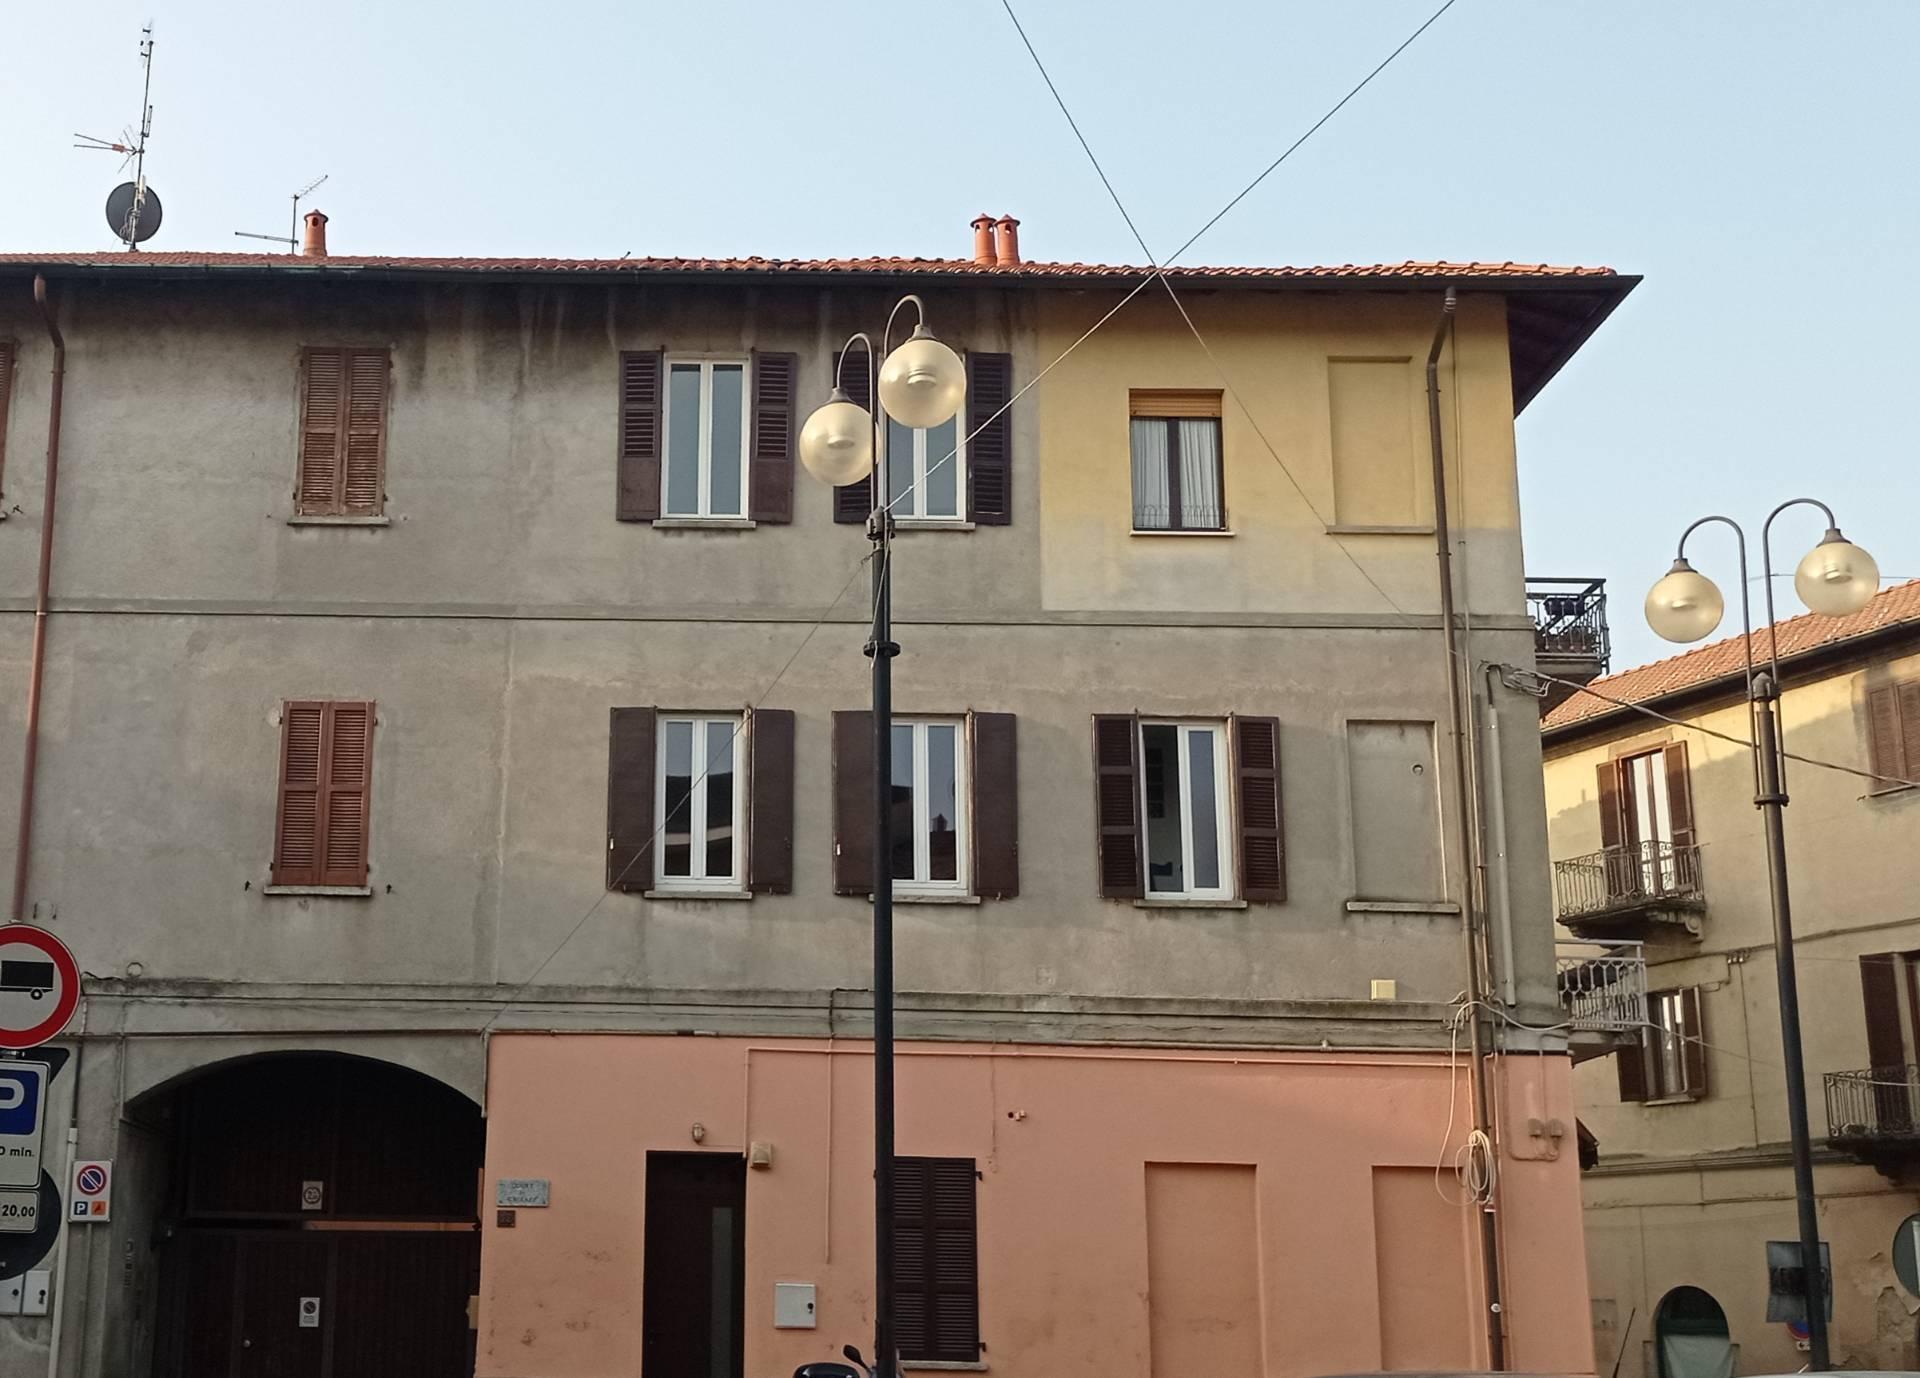 Appartamento in vendita a Guanzate, 2 locali, prezzo € 59.000 | PortaleAgenzieImmobiliari.it